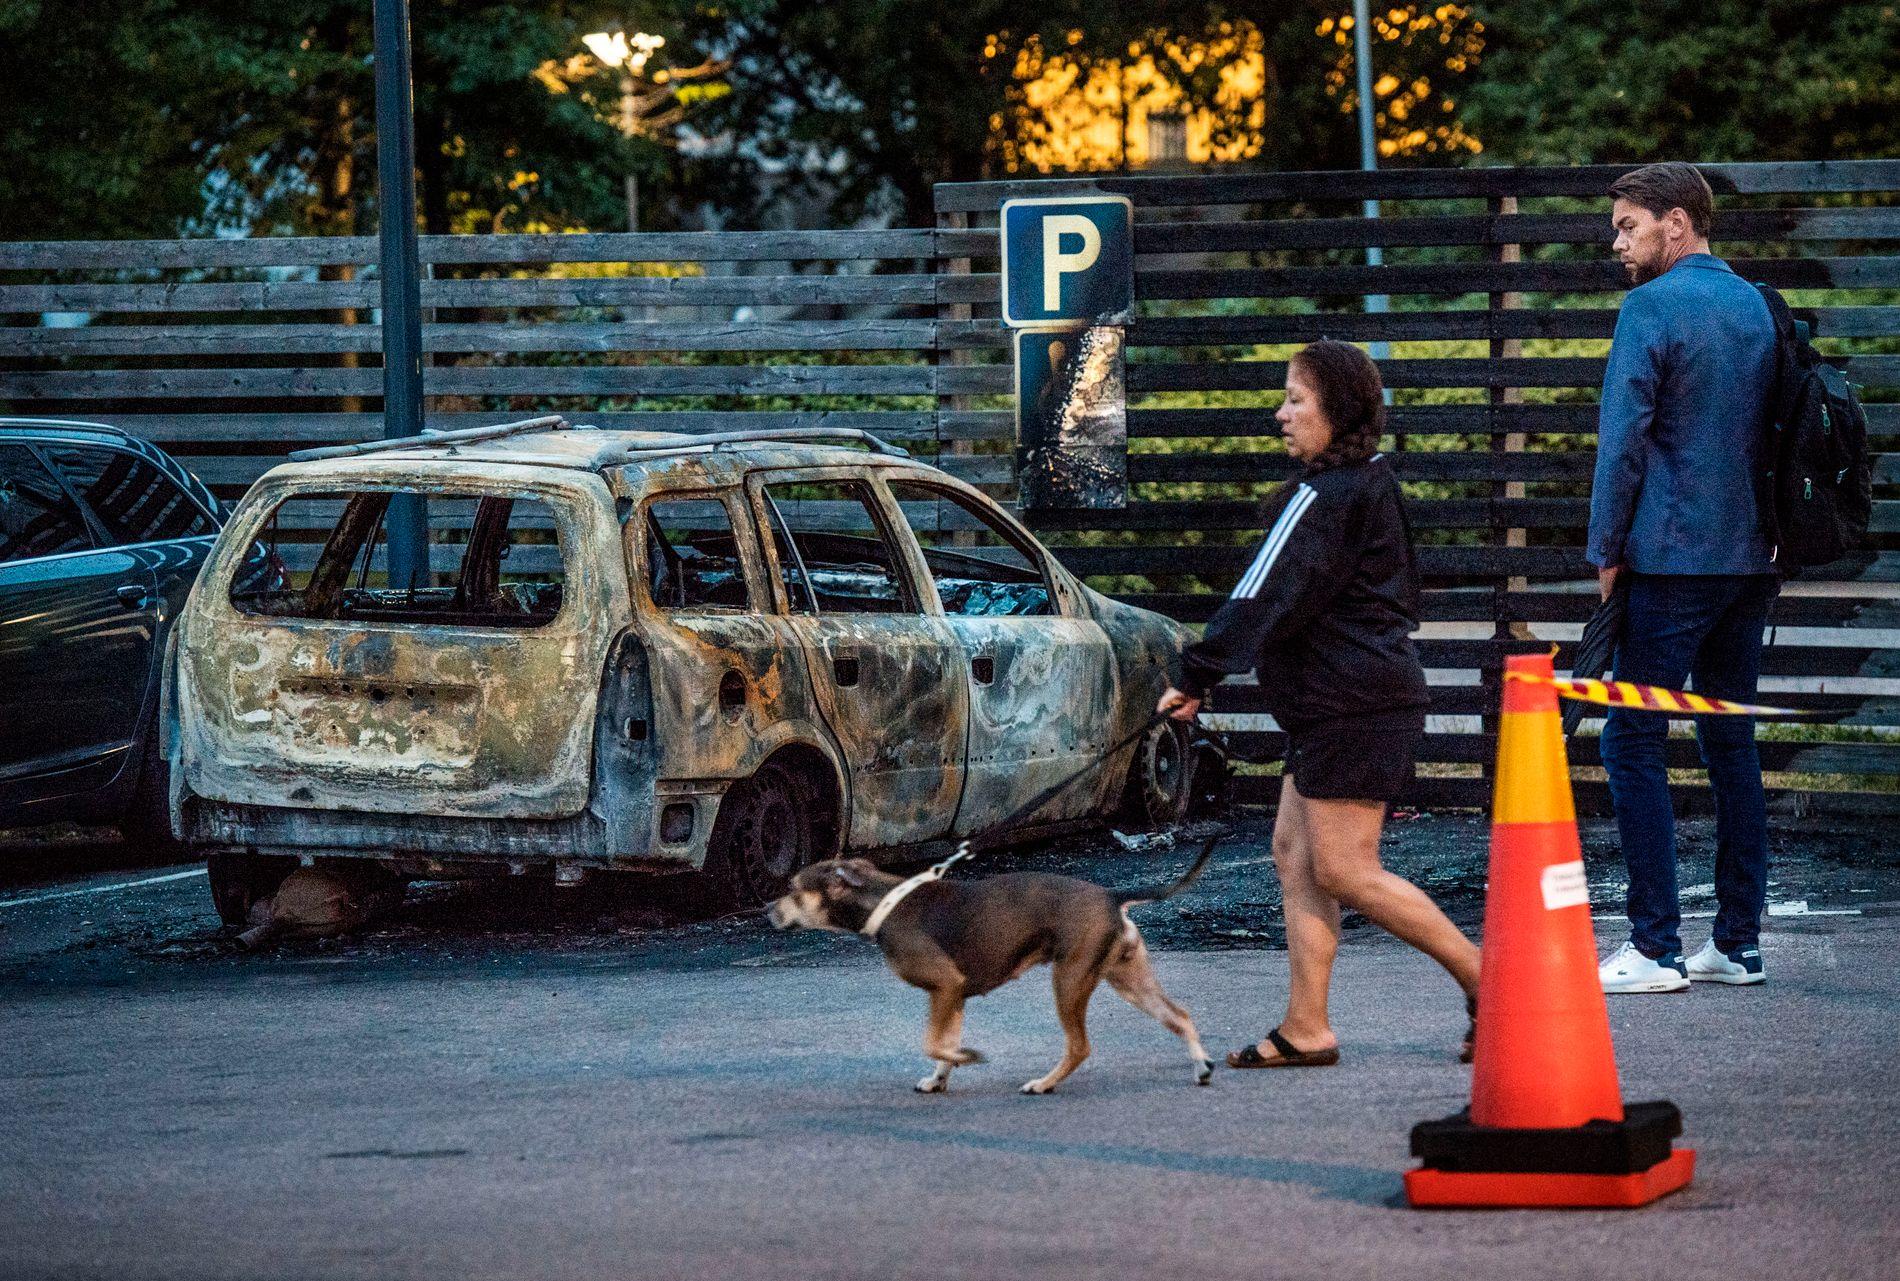 UTBRENTE BILER: På Frölunda torg i Gøteborg står det flere utbrente biler etter mandagens brannkaos. Tre unge menn så langt pågrepet, og politiet mistenker at ytterligere åtte til tolv personer står bak.